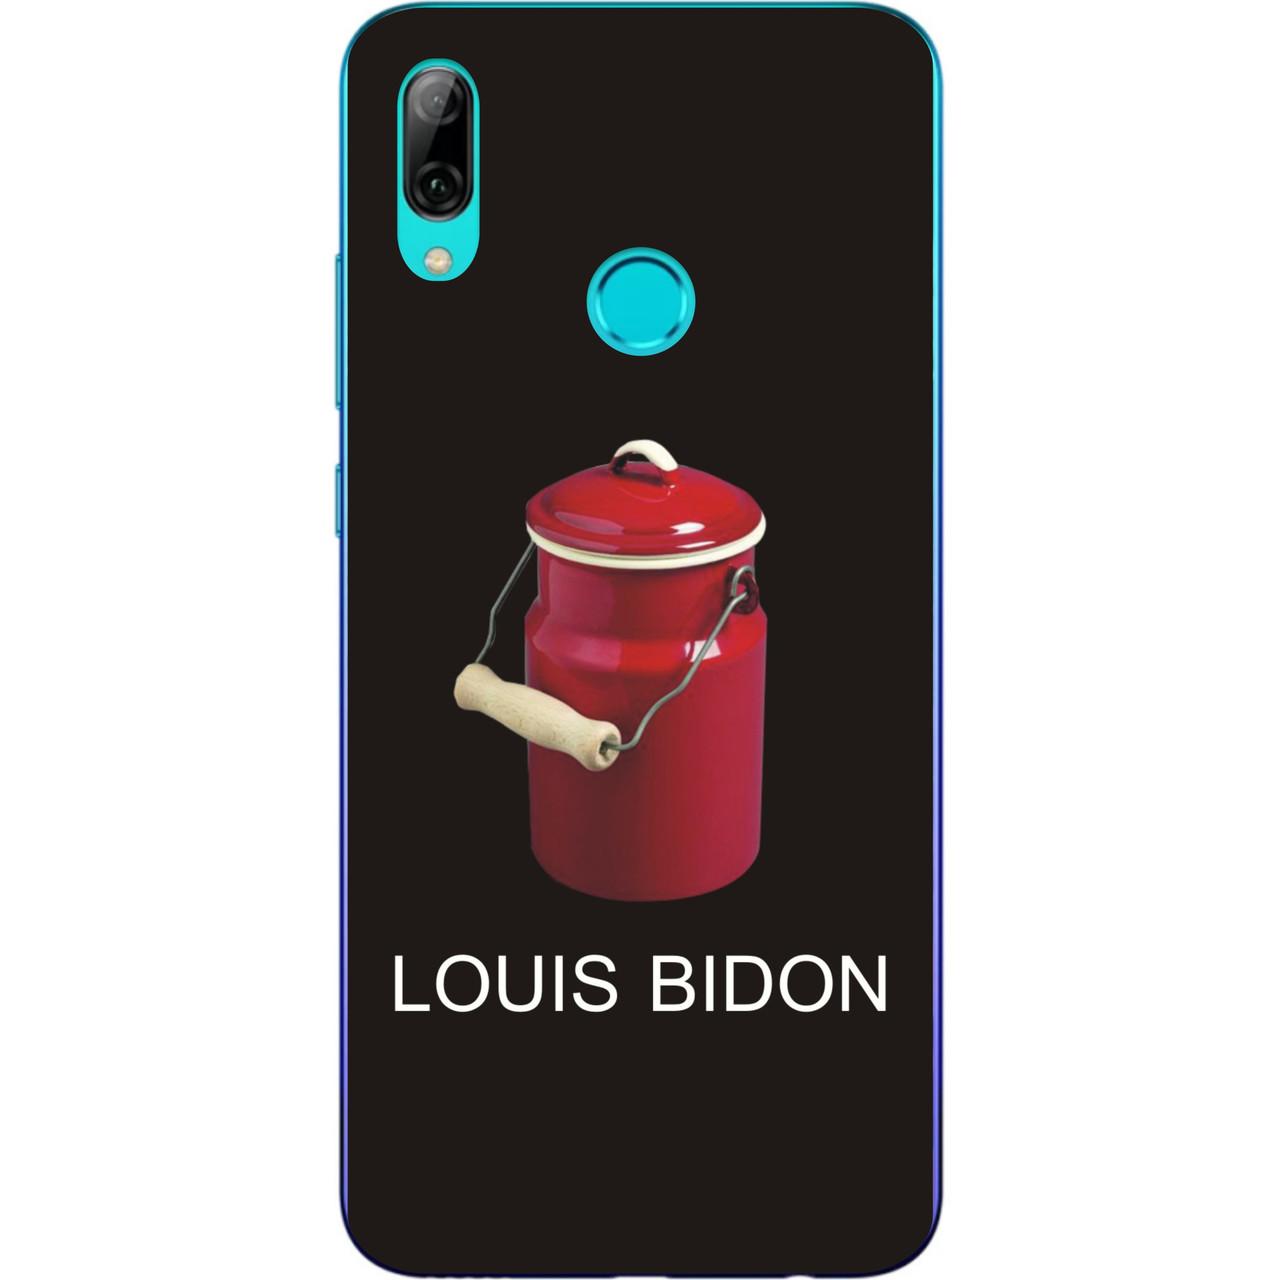 Антибрендовый силіконовий чохол для Xiaomi Mi Play з картинкою Louis Bidon